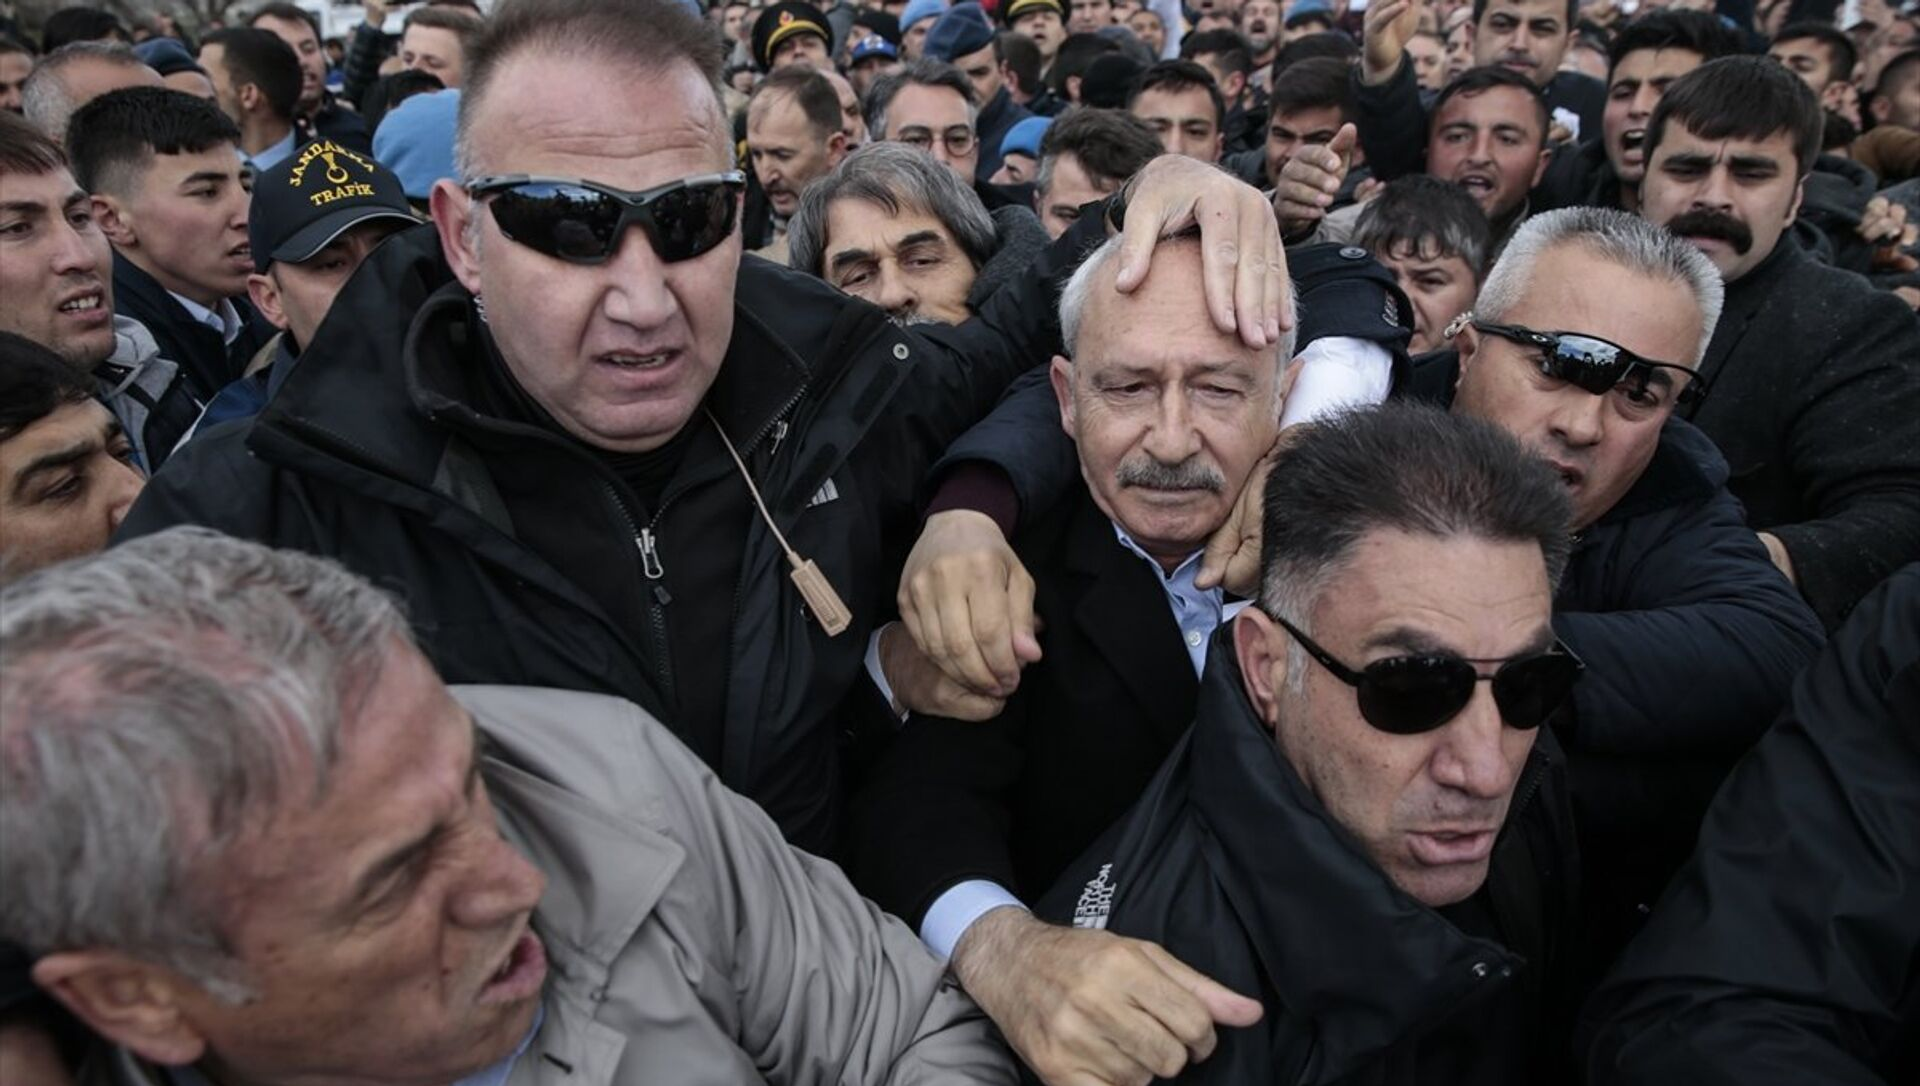 CHP Genel Başkanı Kılıçdaroğlu, Ankara'nın Çubuk ilçesinde şehit sözleşmeli piyade er Yener Kırıkcı'nın cenaze namazında bir grubun linç girişimine uğradı. - Sputnik Türkiye, 1920, 01.03.2021